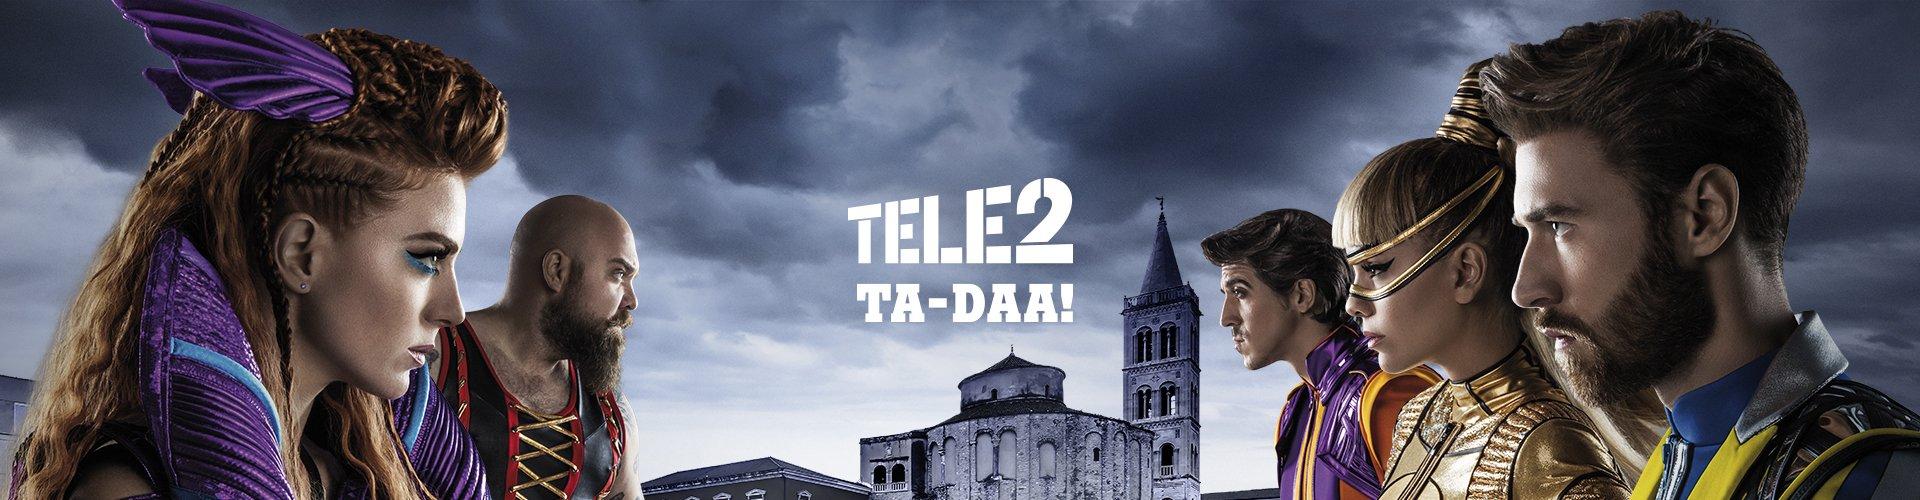 Tele2 | Zadar | Supernova